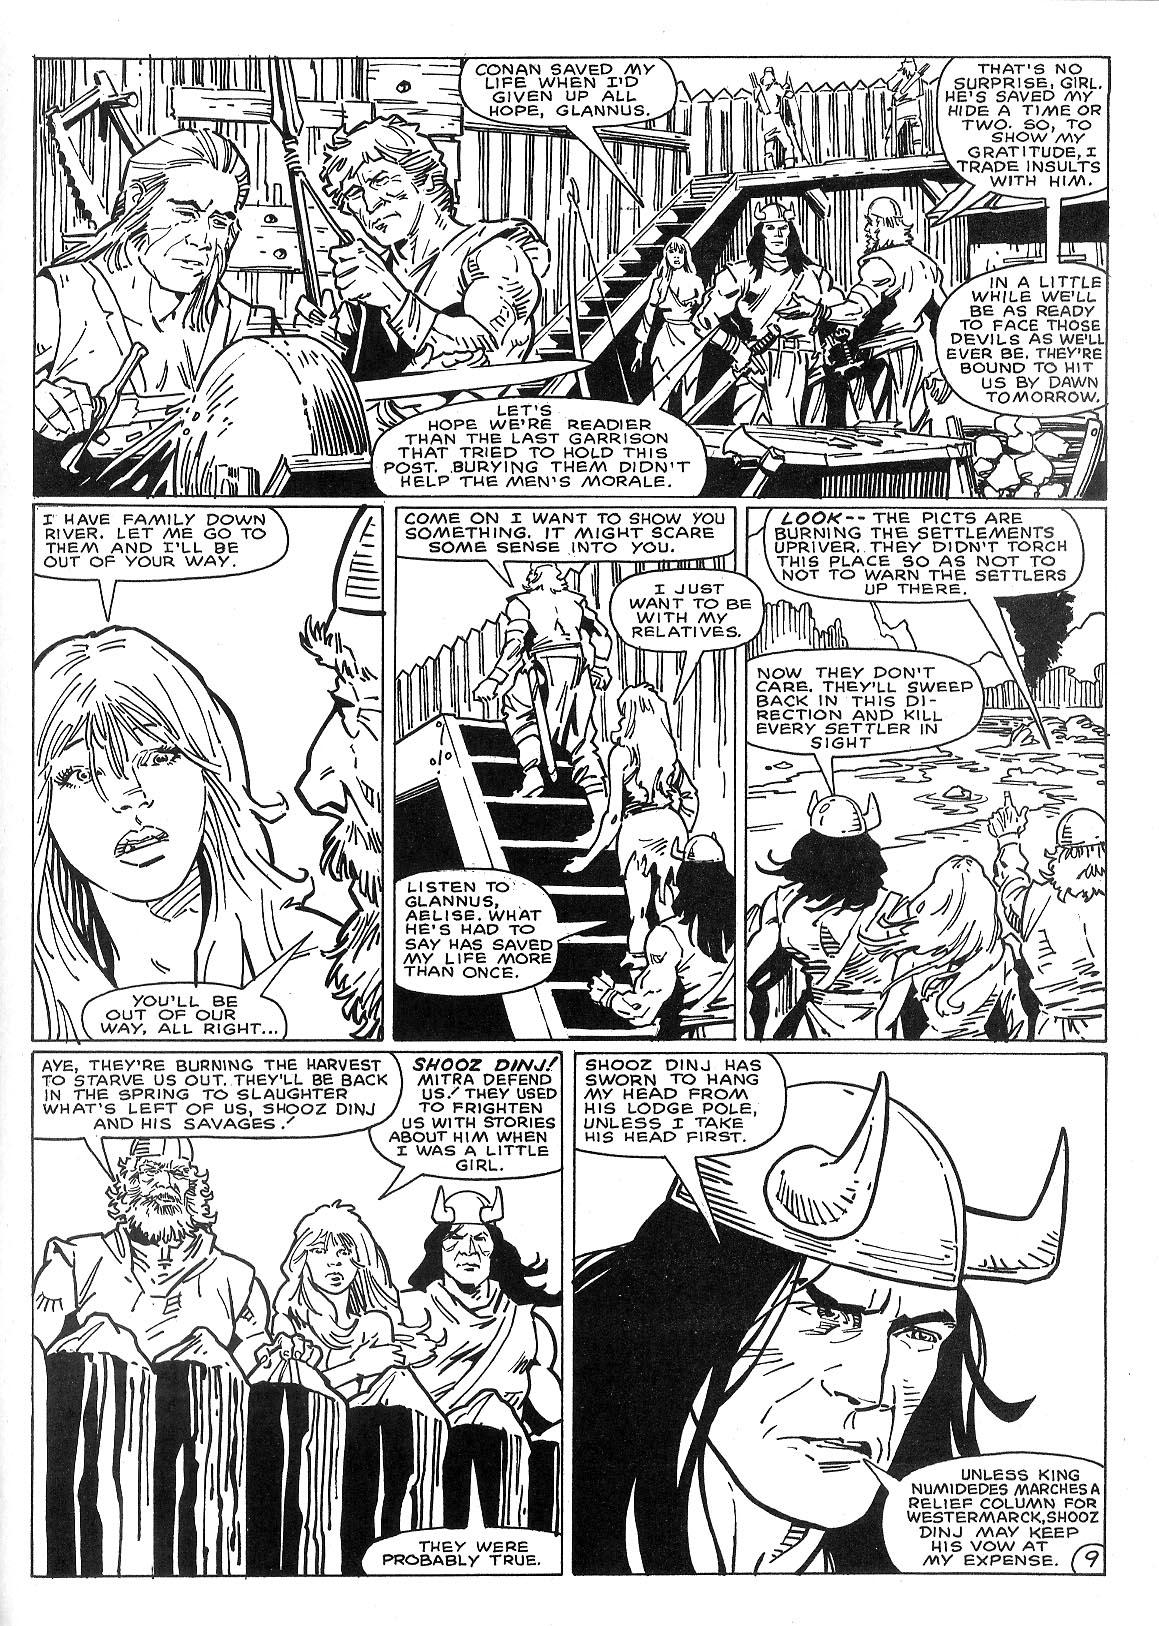 dXRULzcAHk #93 - English 15